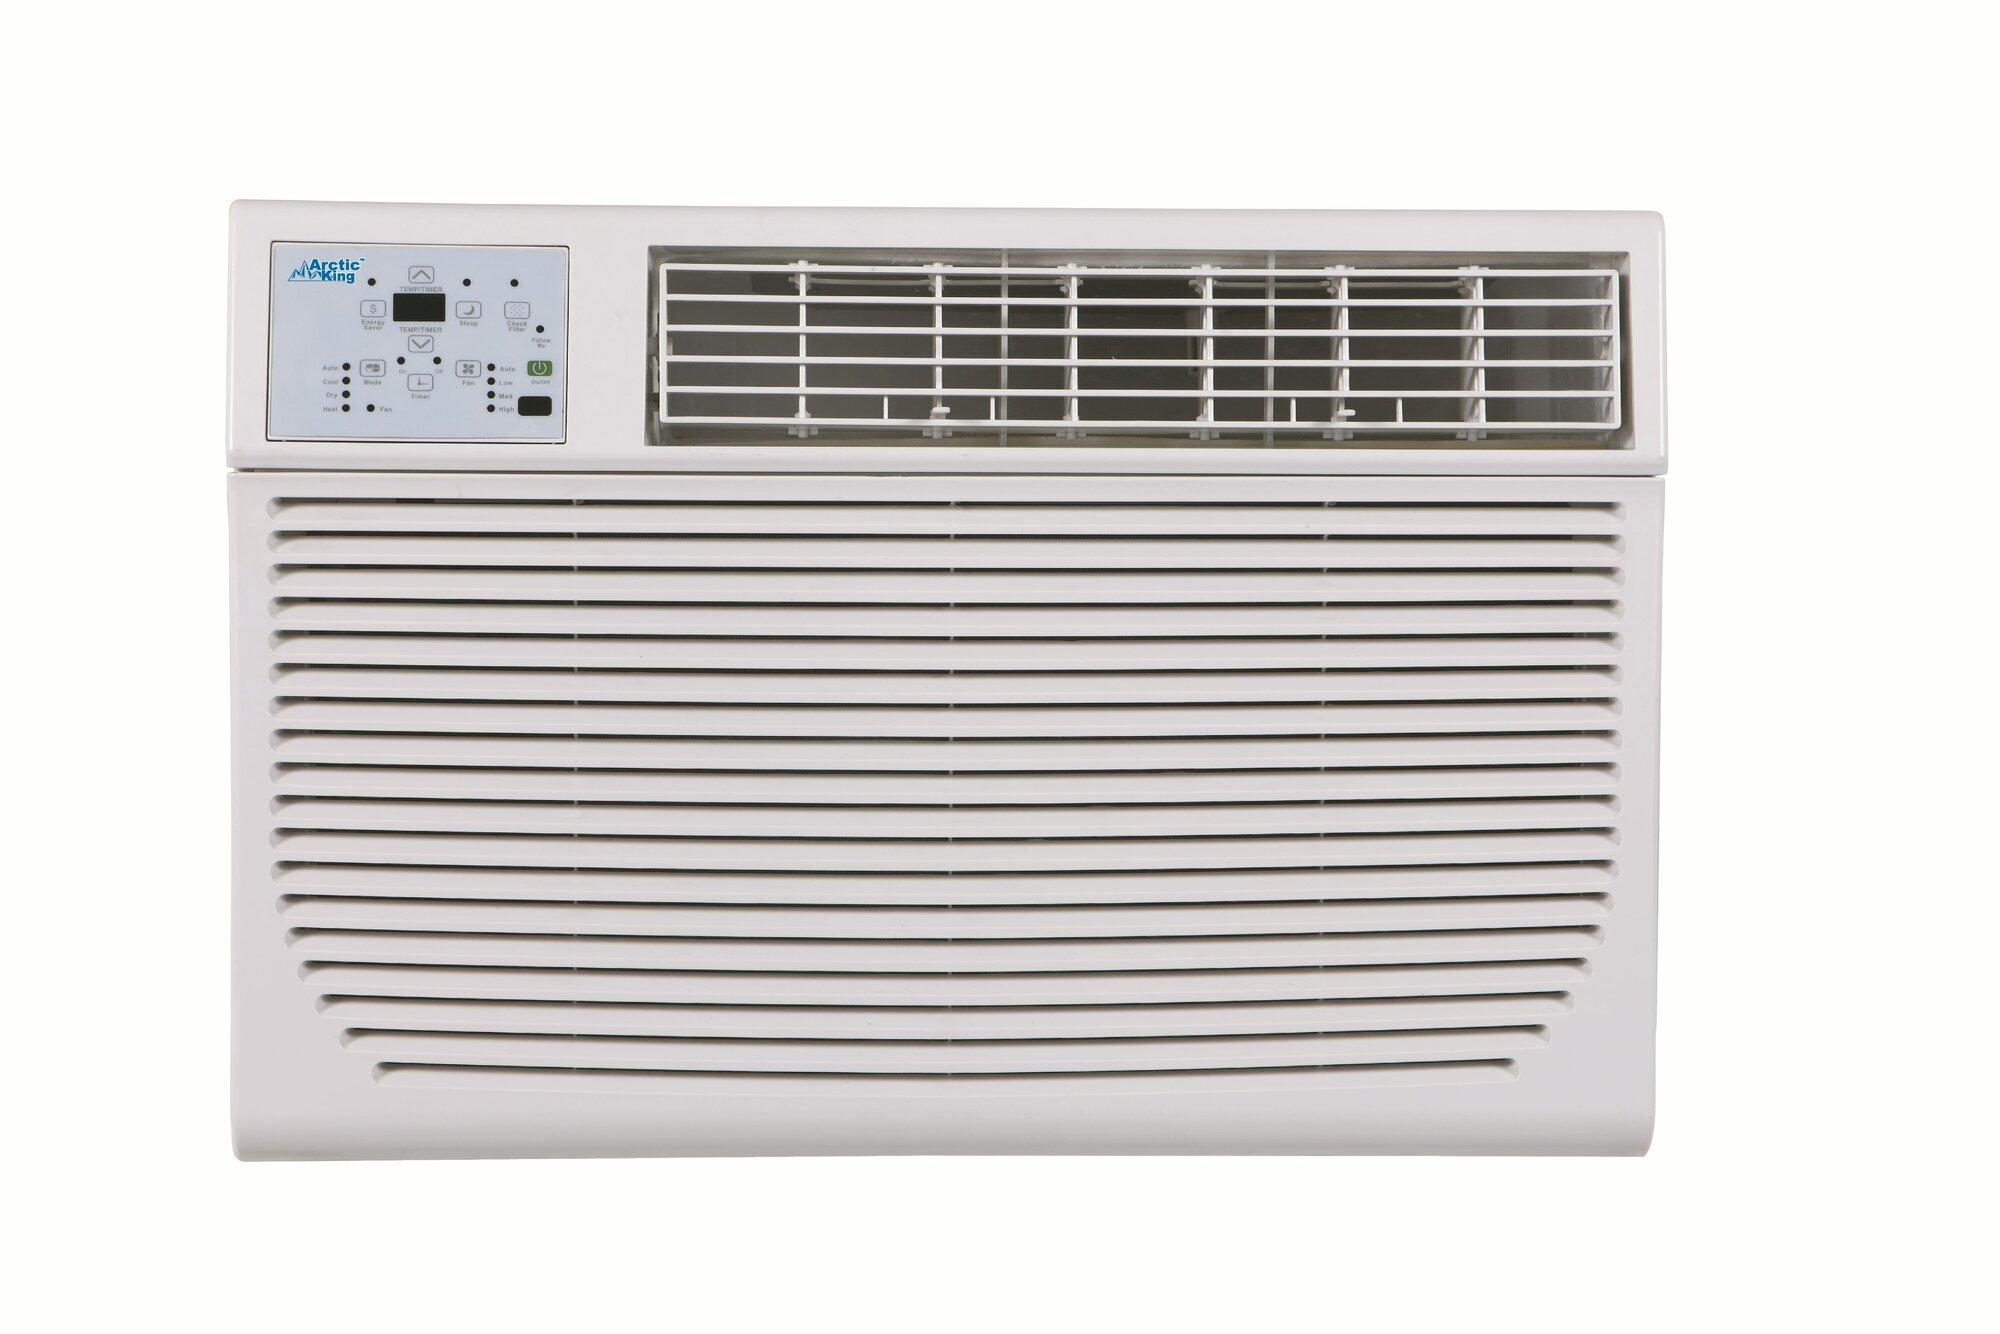 Arctic King 12 000 BTU Window Air Conditioner 814982013640 eBay #4F687C